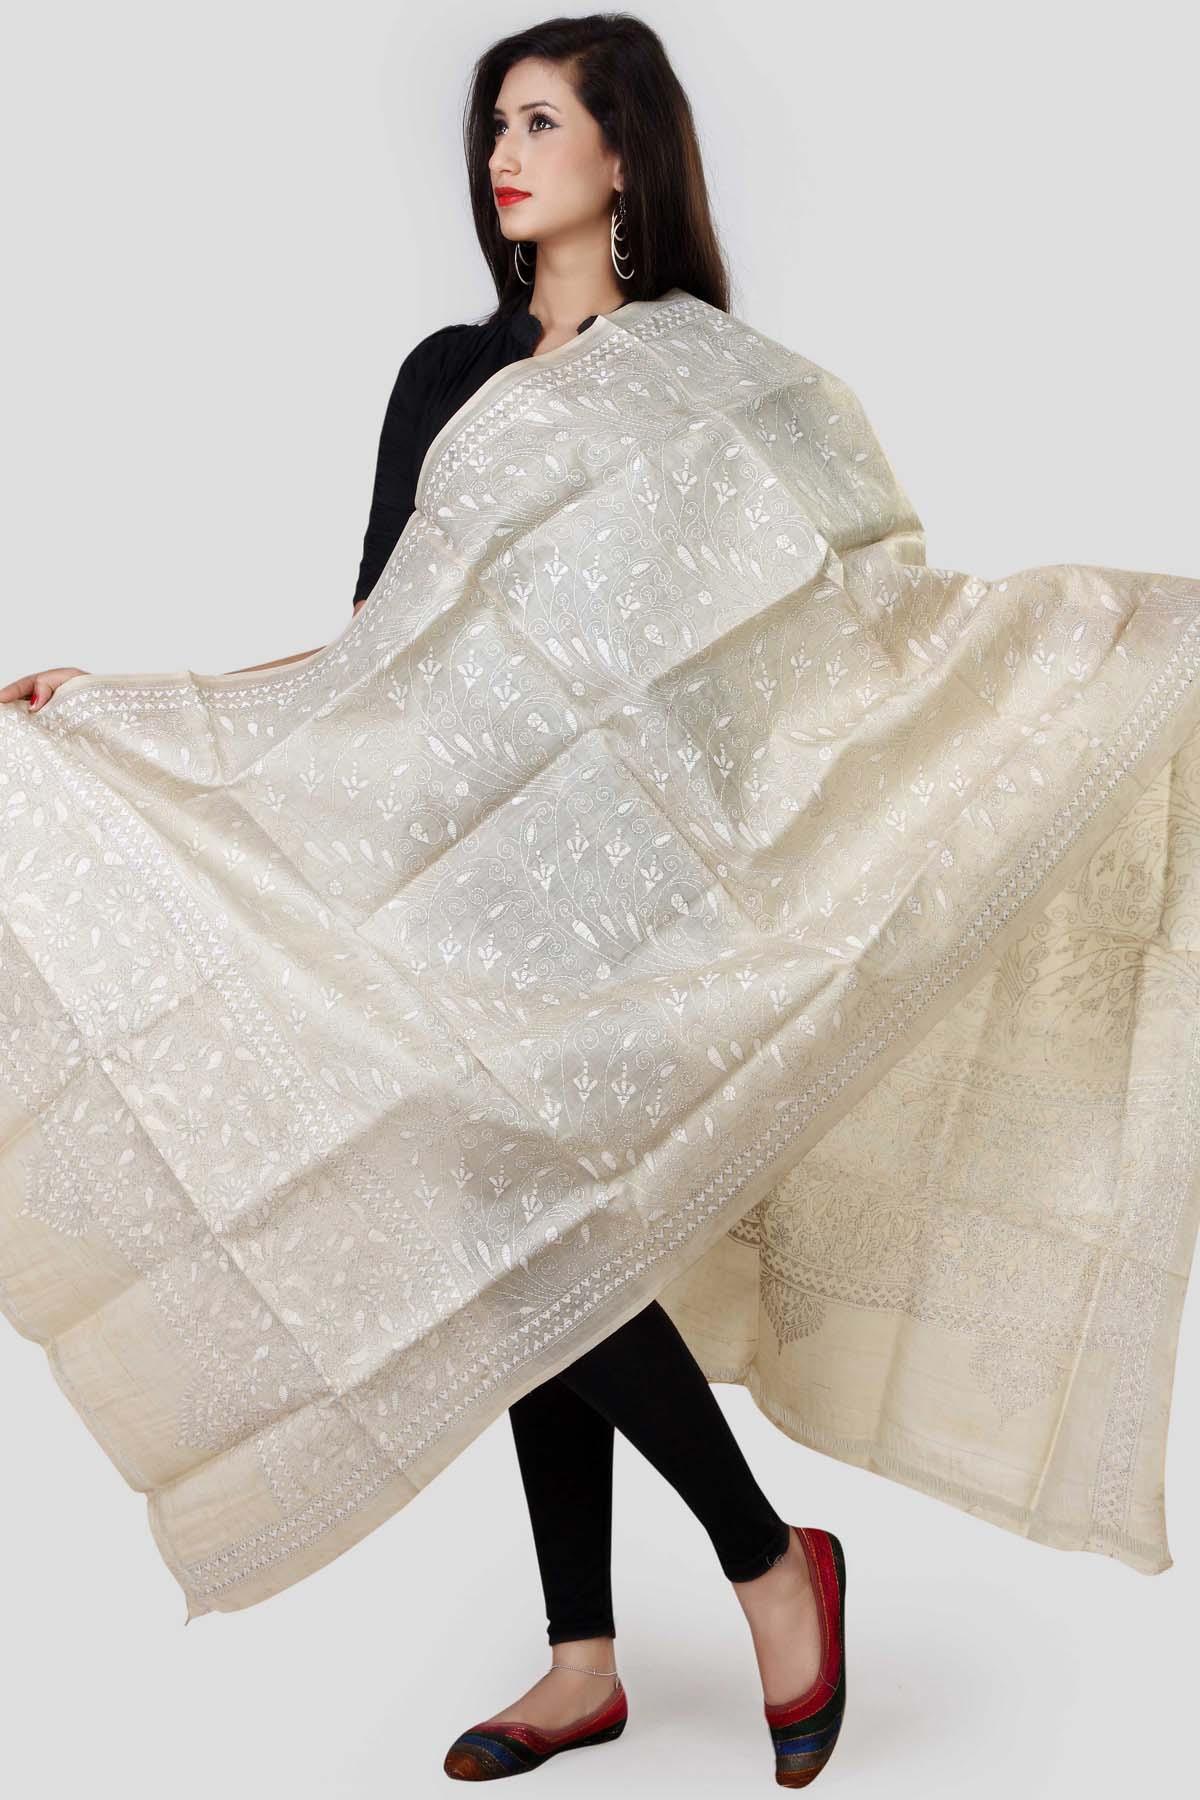 319657578c4 Off White Kantha Tussar Silk Dupatta - DUPATTAS | Shop Online at ...